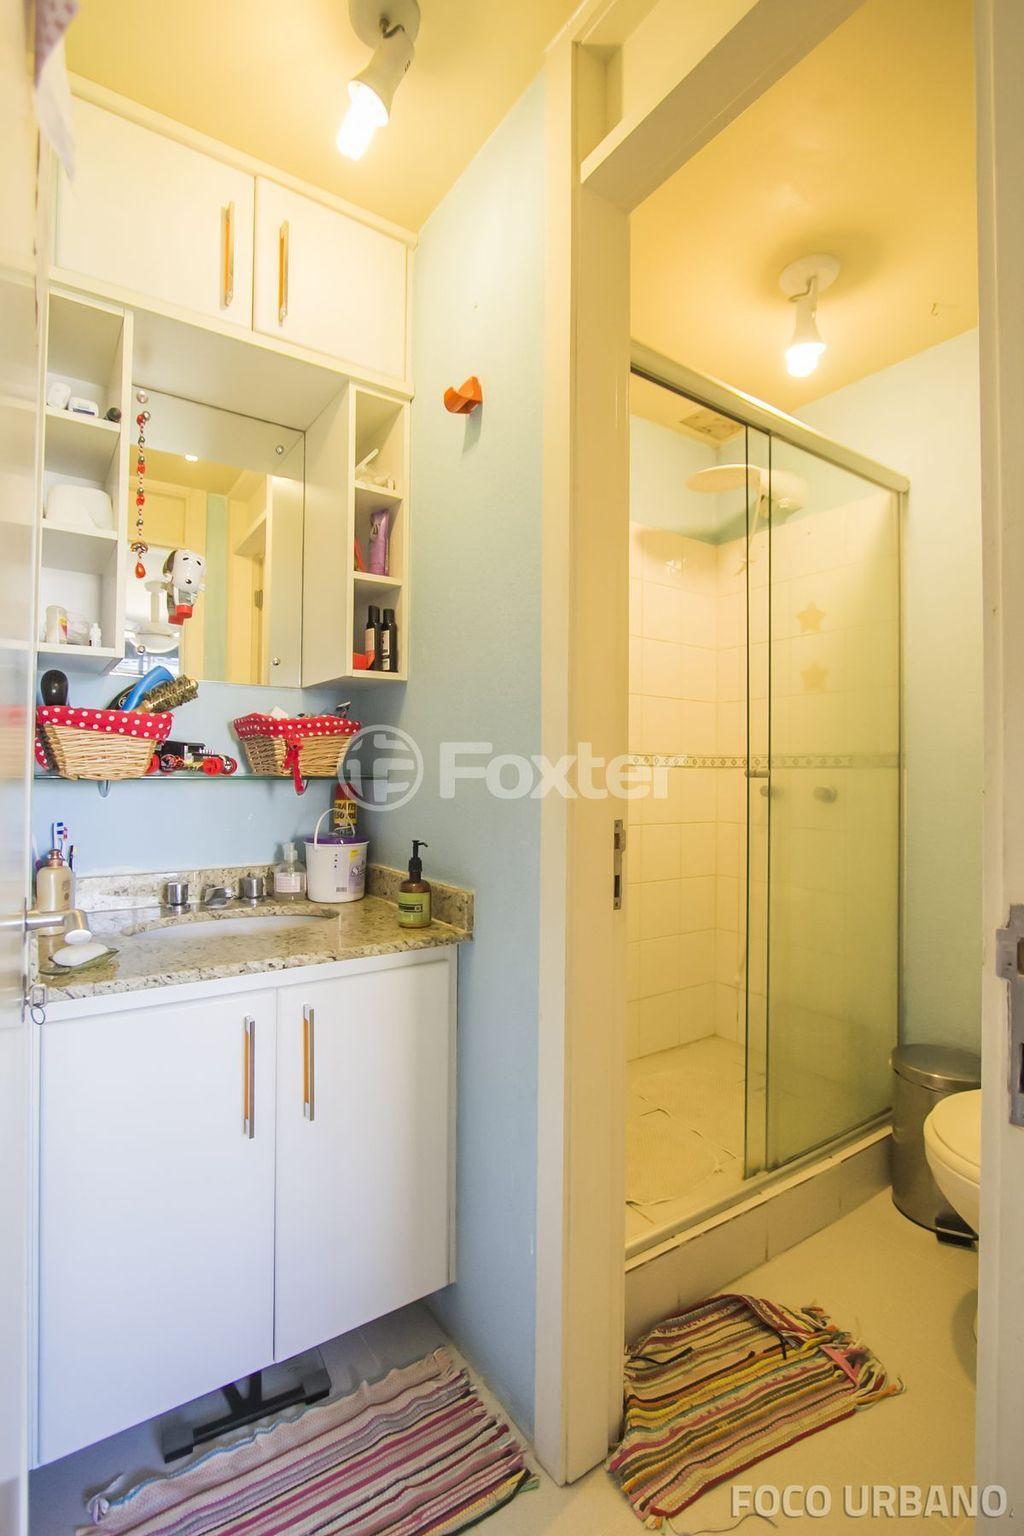 Foxter Imobiliária - Casa 3 Dorm, Protásio Alves - Foto 31